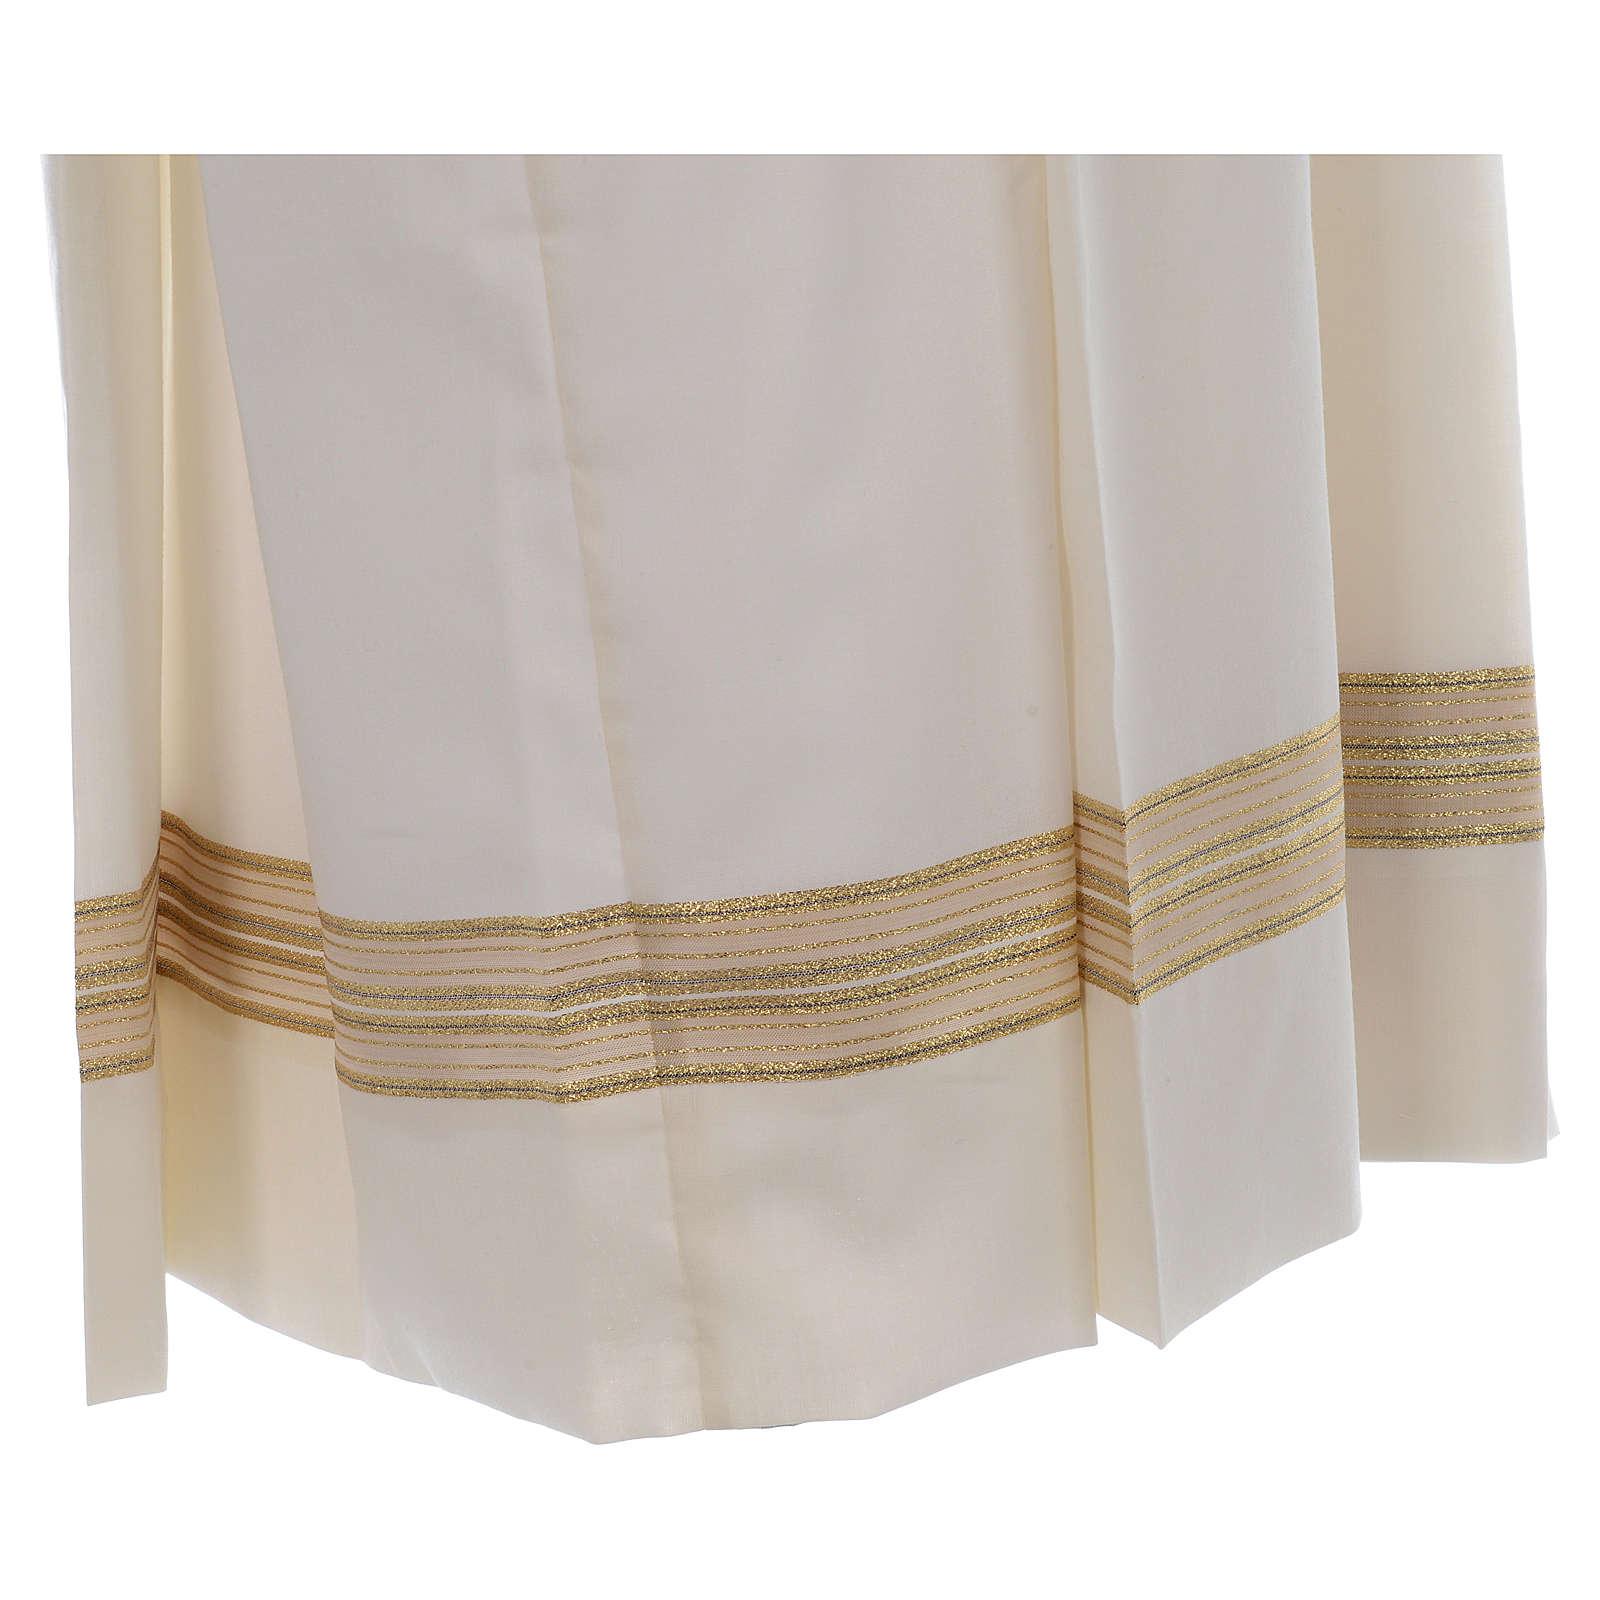 Camice avorio 55% pol. 45% lana doppio ritorto e stoffa tramata 4